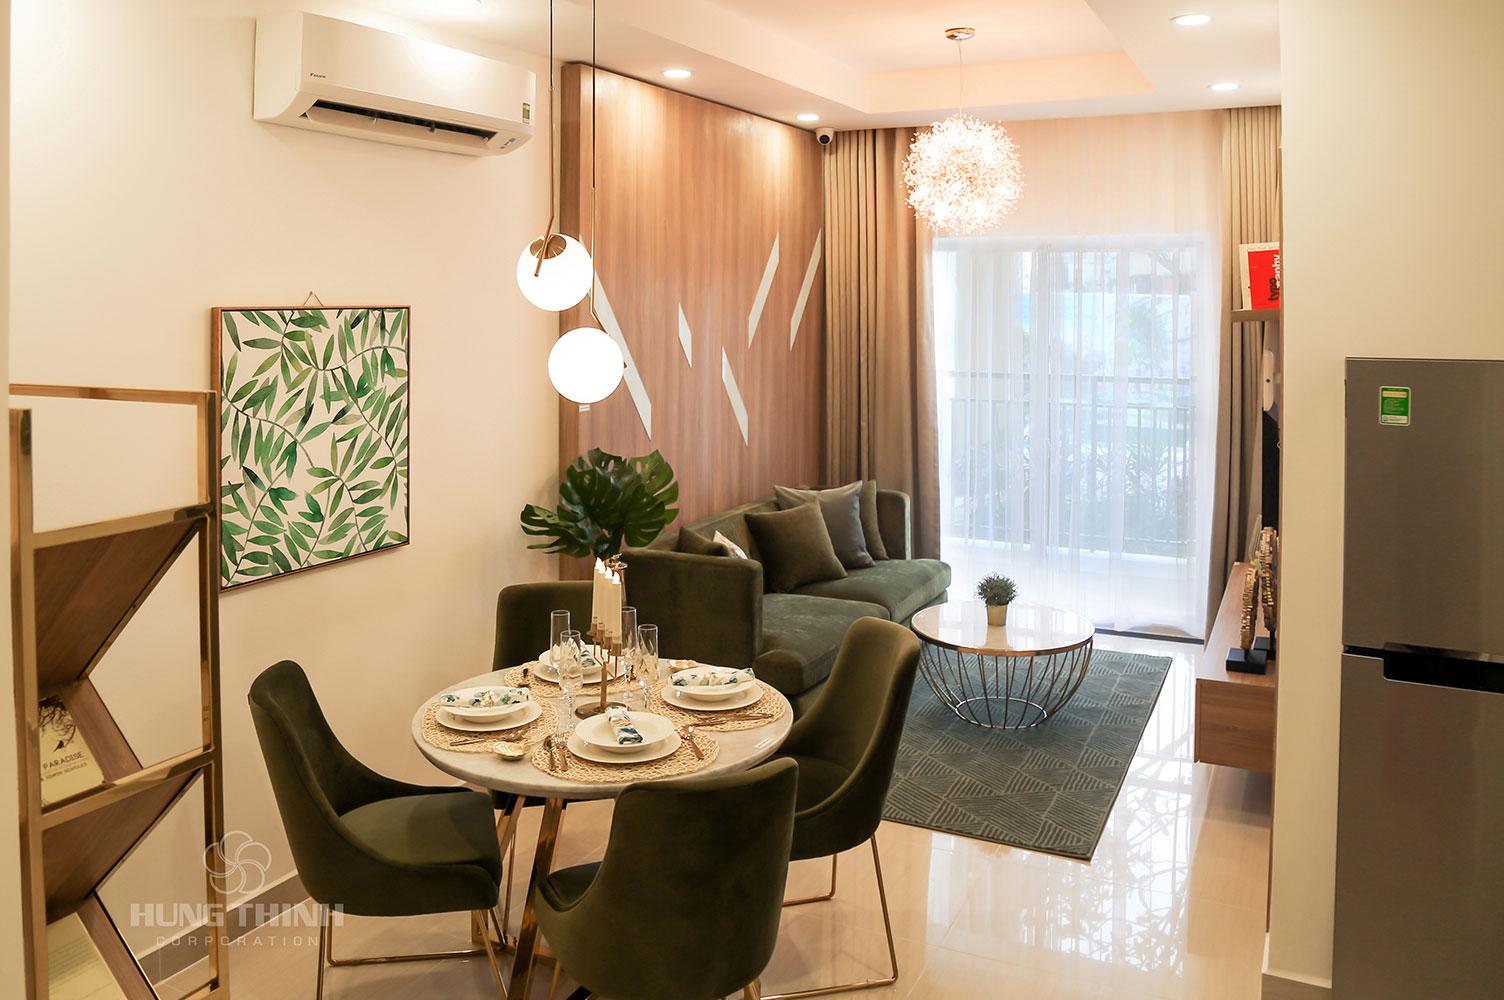 Căn hộ chung cư hạng sang Saigon Riverside City cho thuê không gian thoáng rộng nhiều ưu đãi